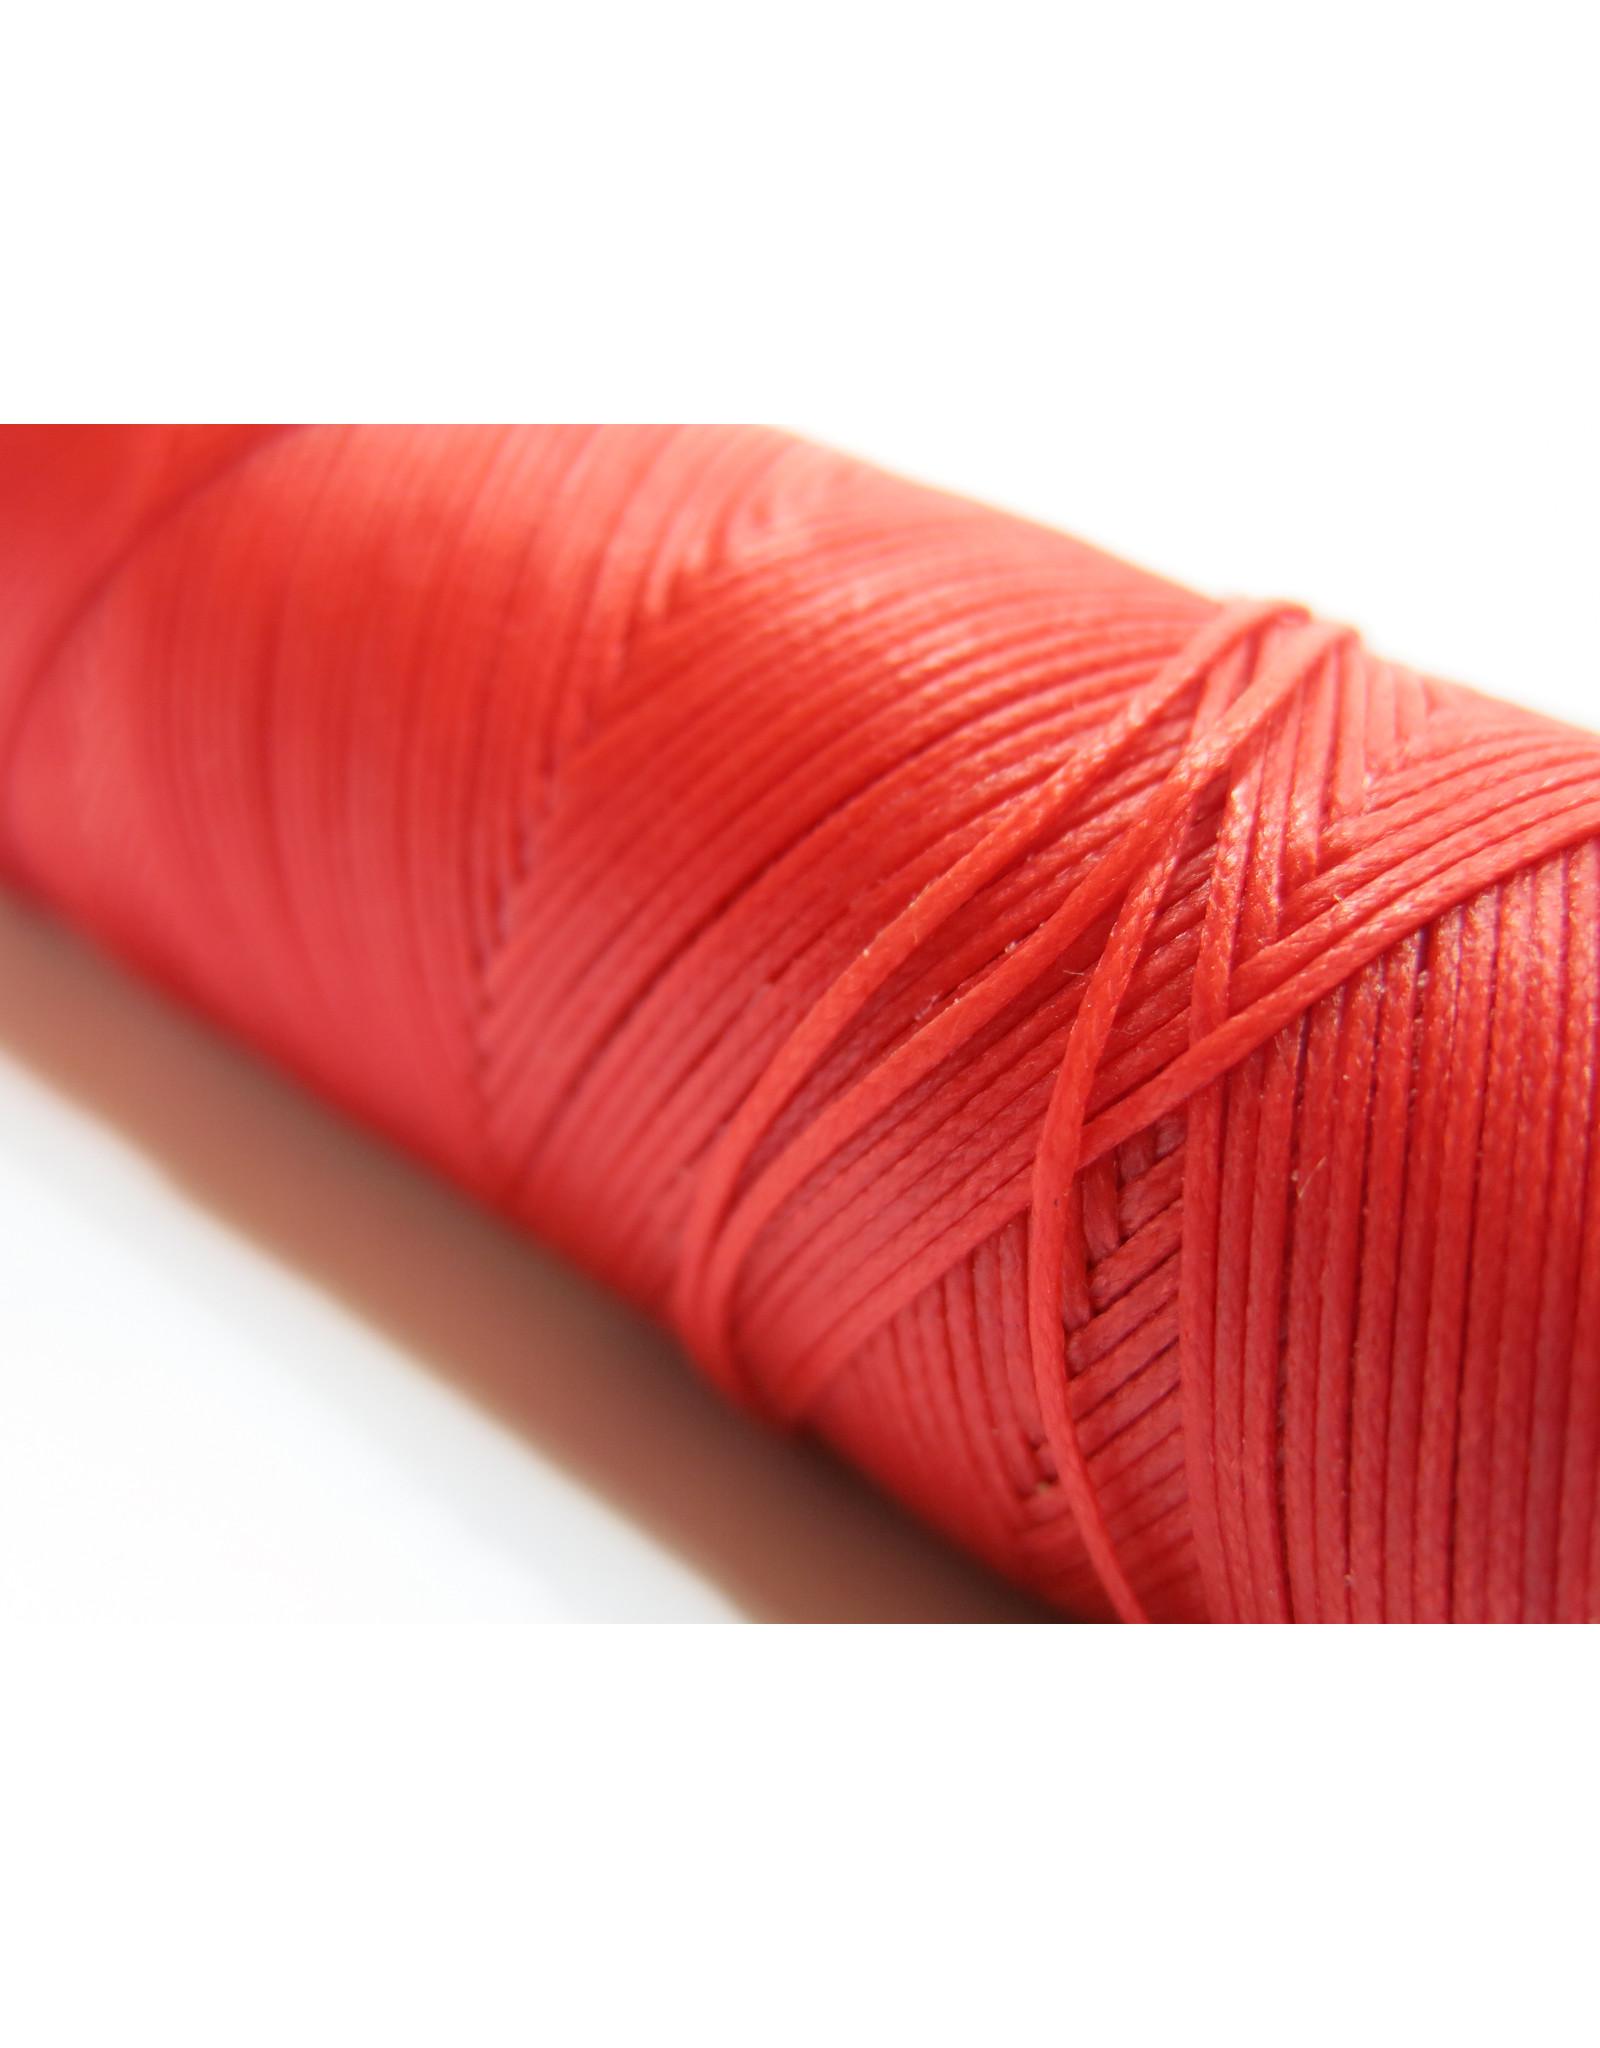 Gewaxt handnaaigaren rood